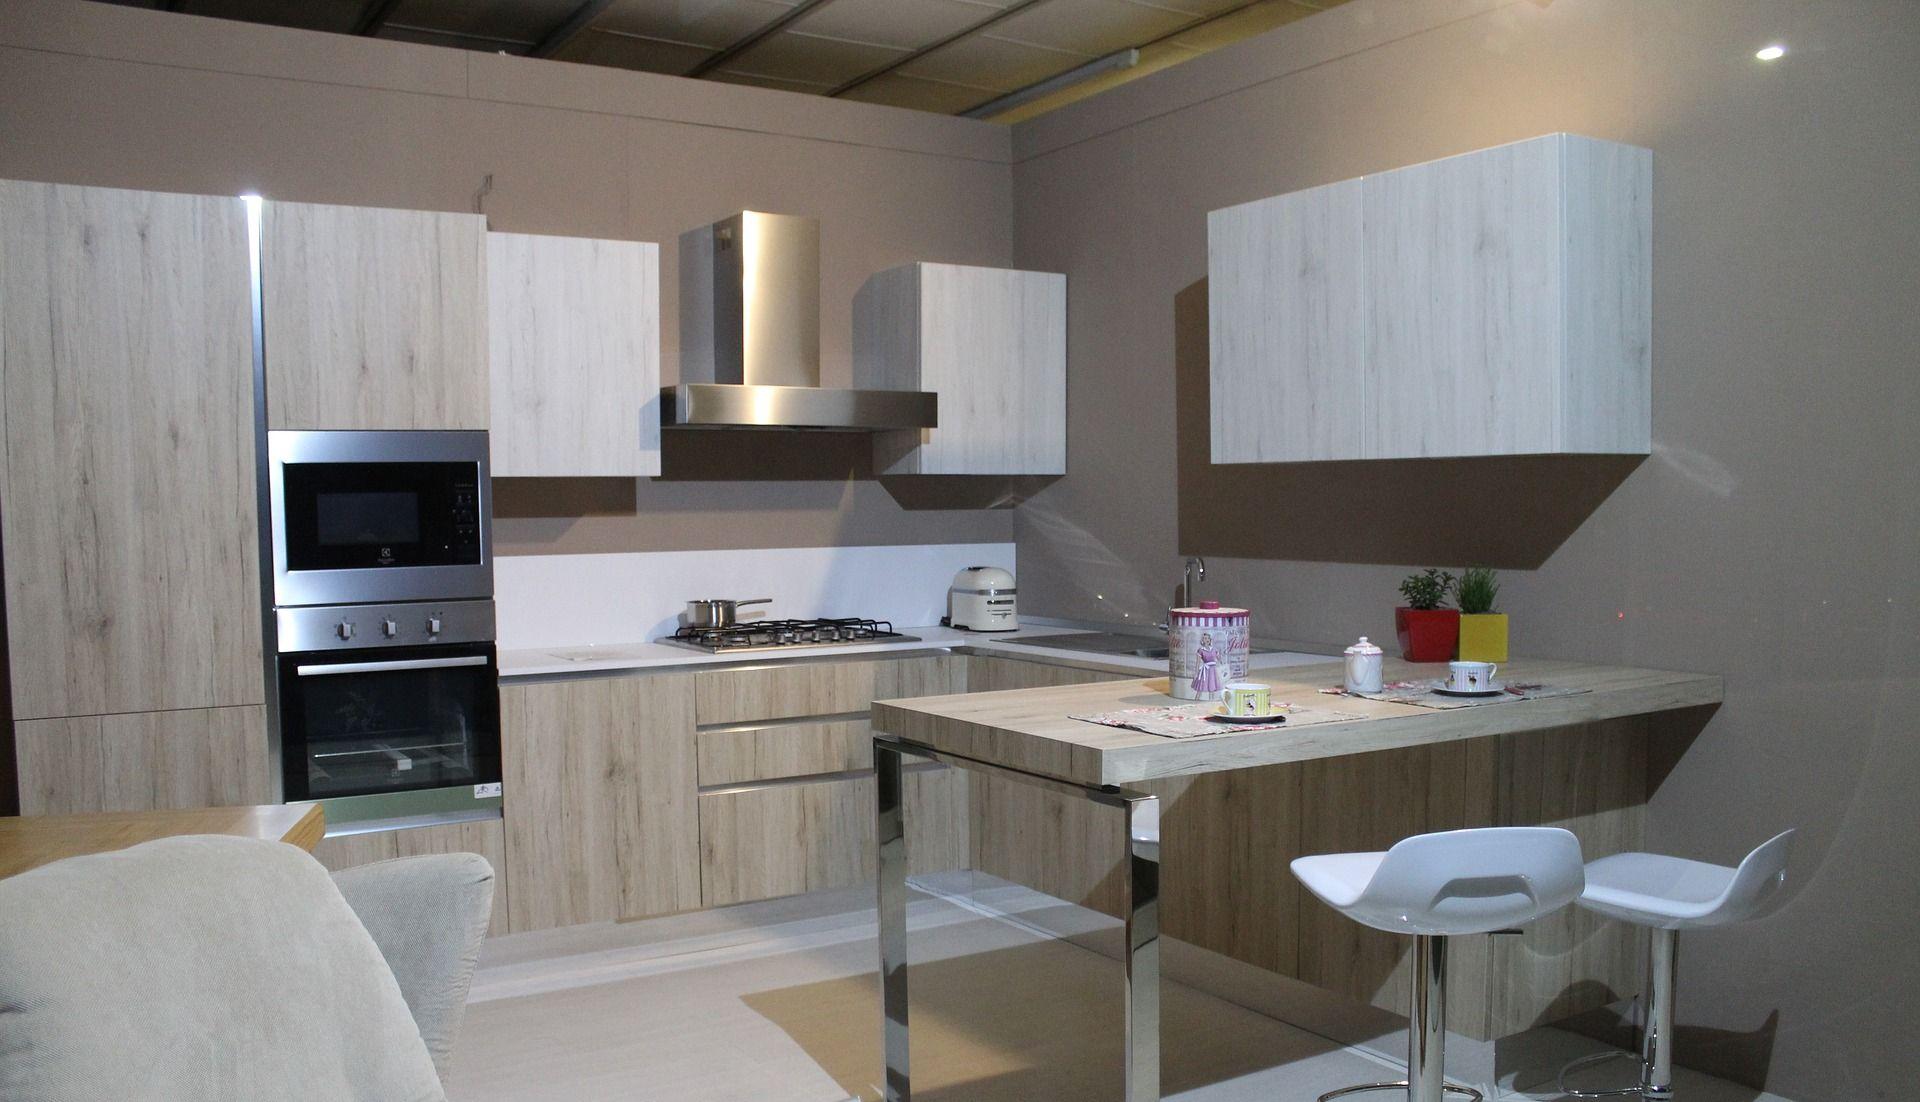 Foto 5 de Muebles de baño y cocina en Mungia | Cocinas ibinarriaga